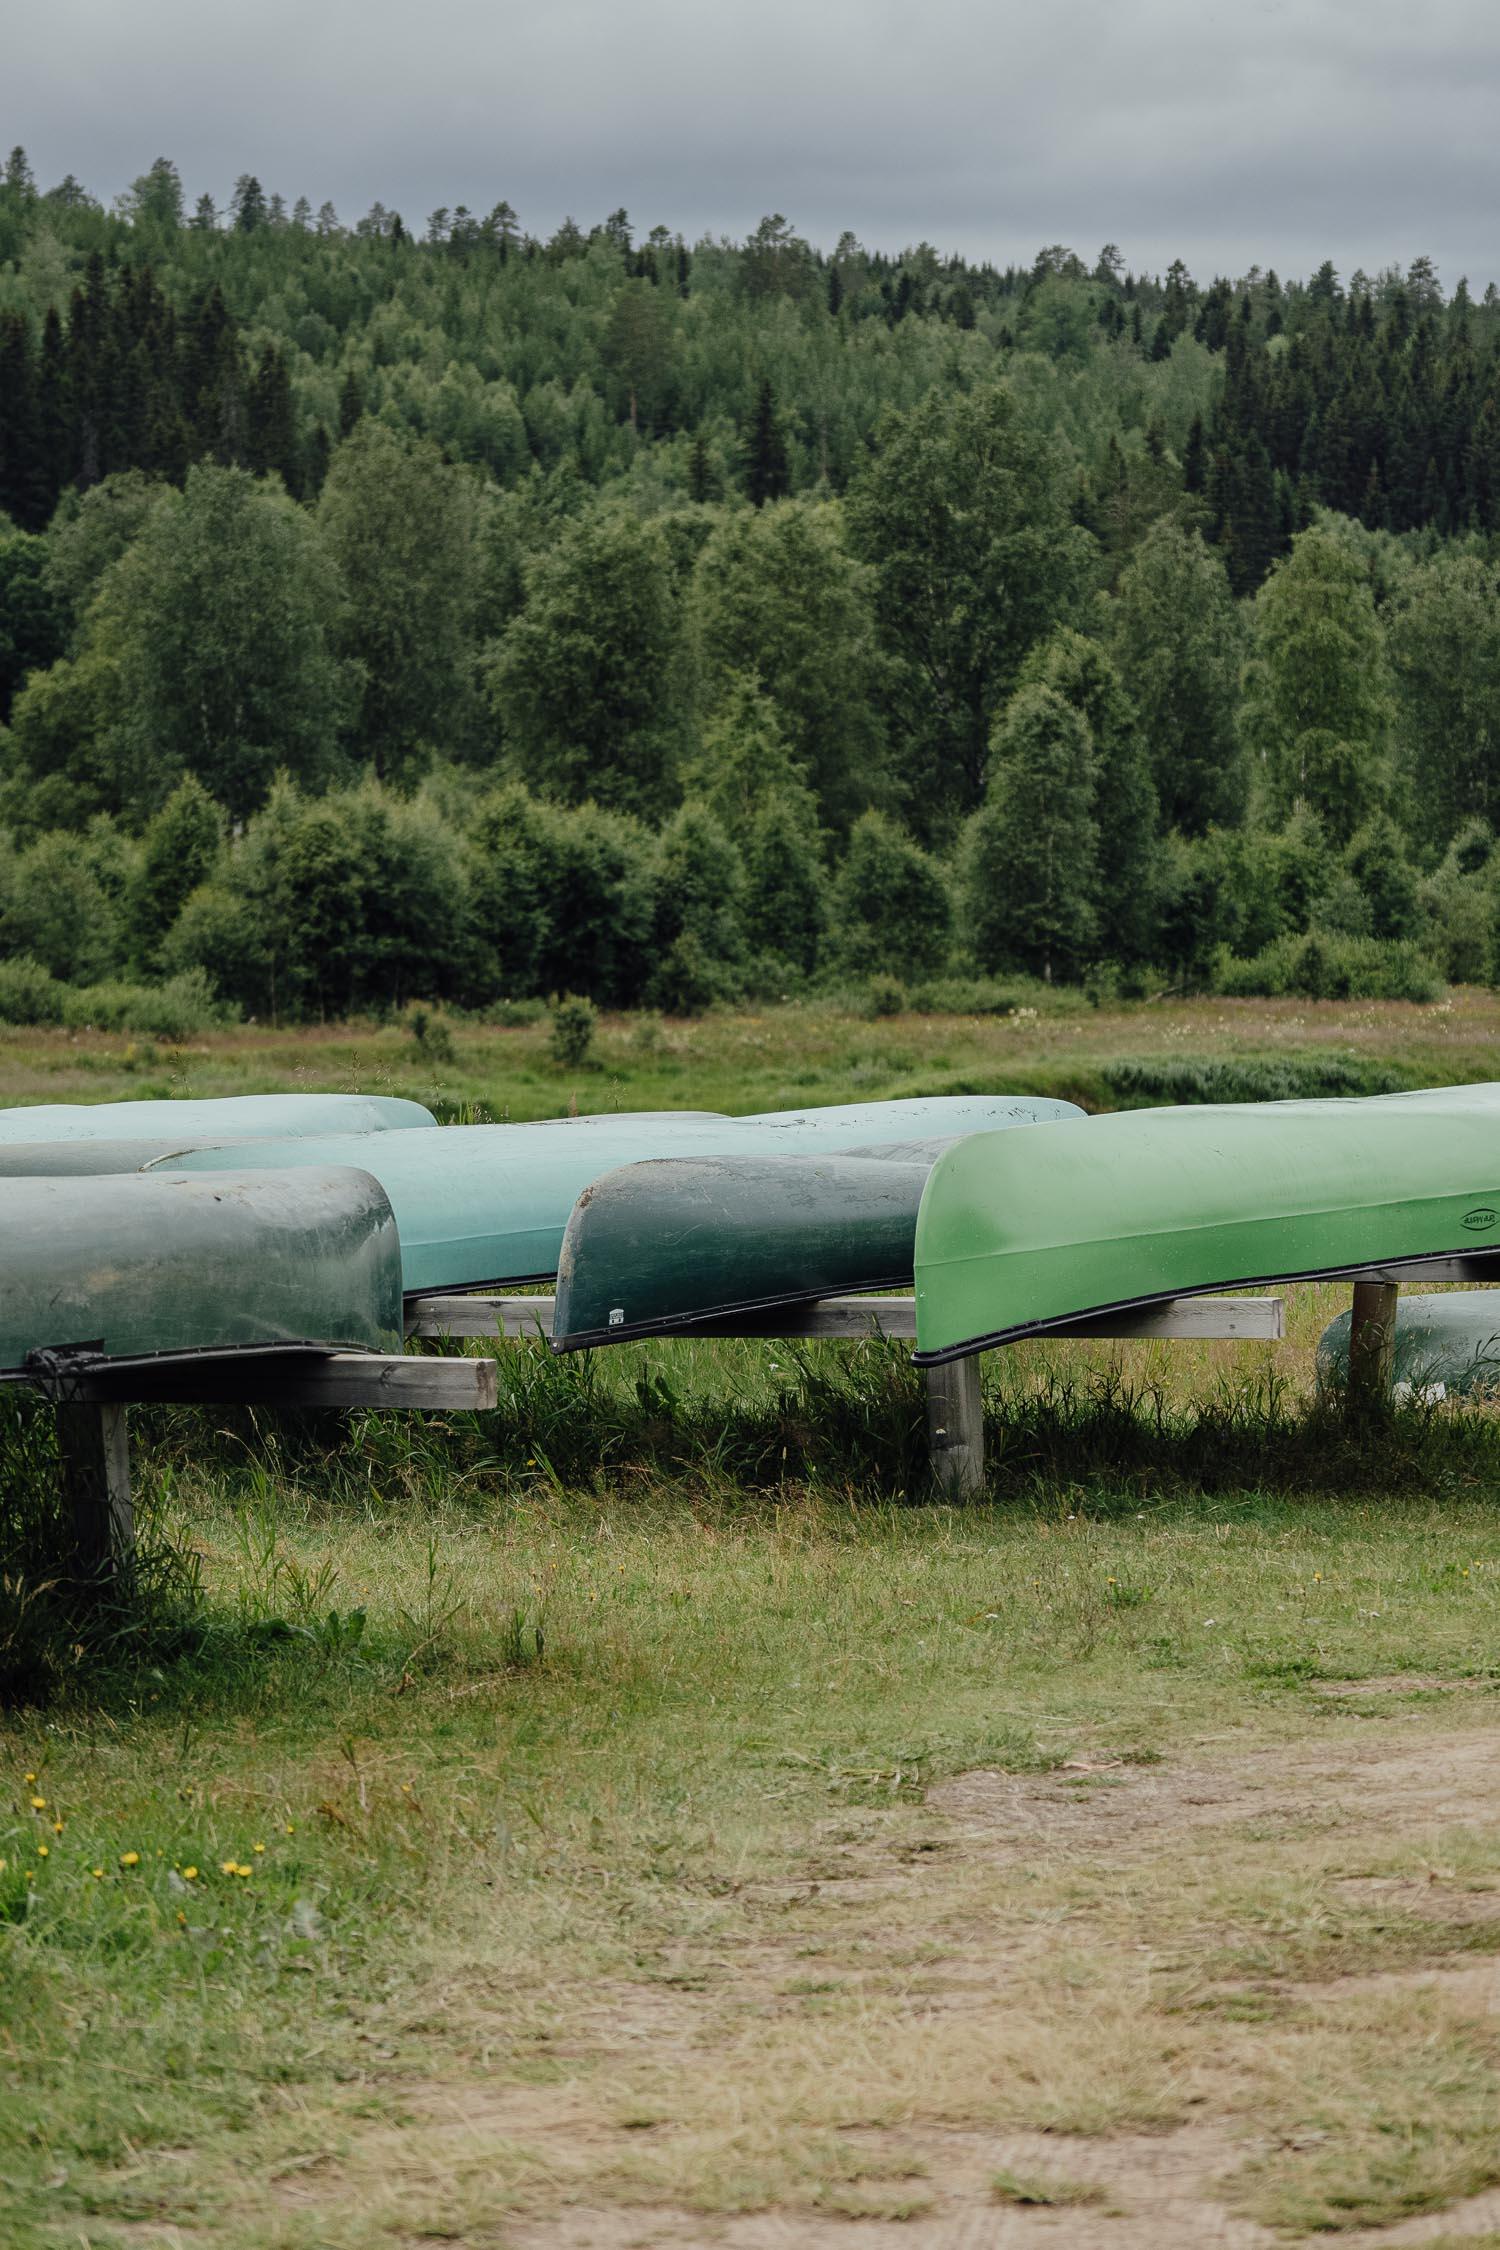 Sälens Kanotcentral